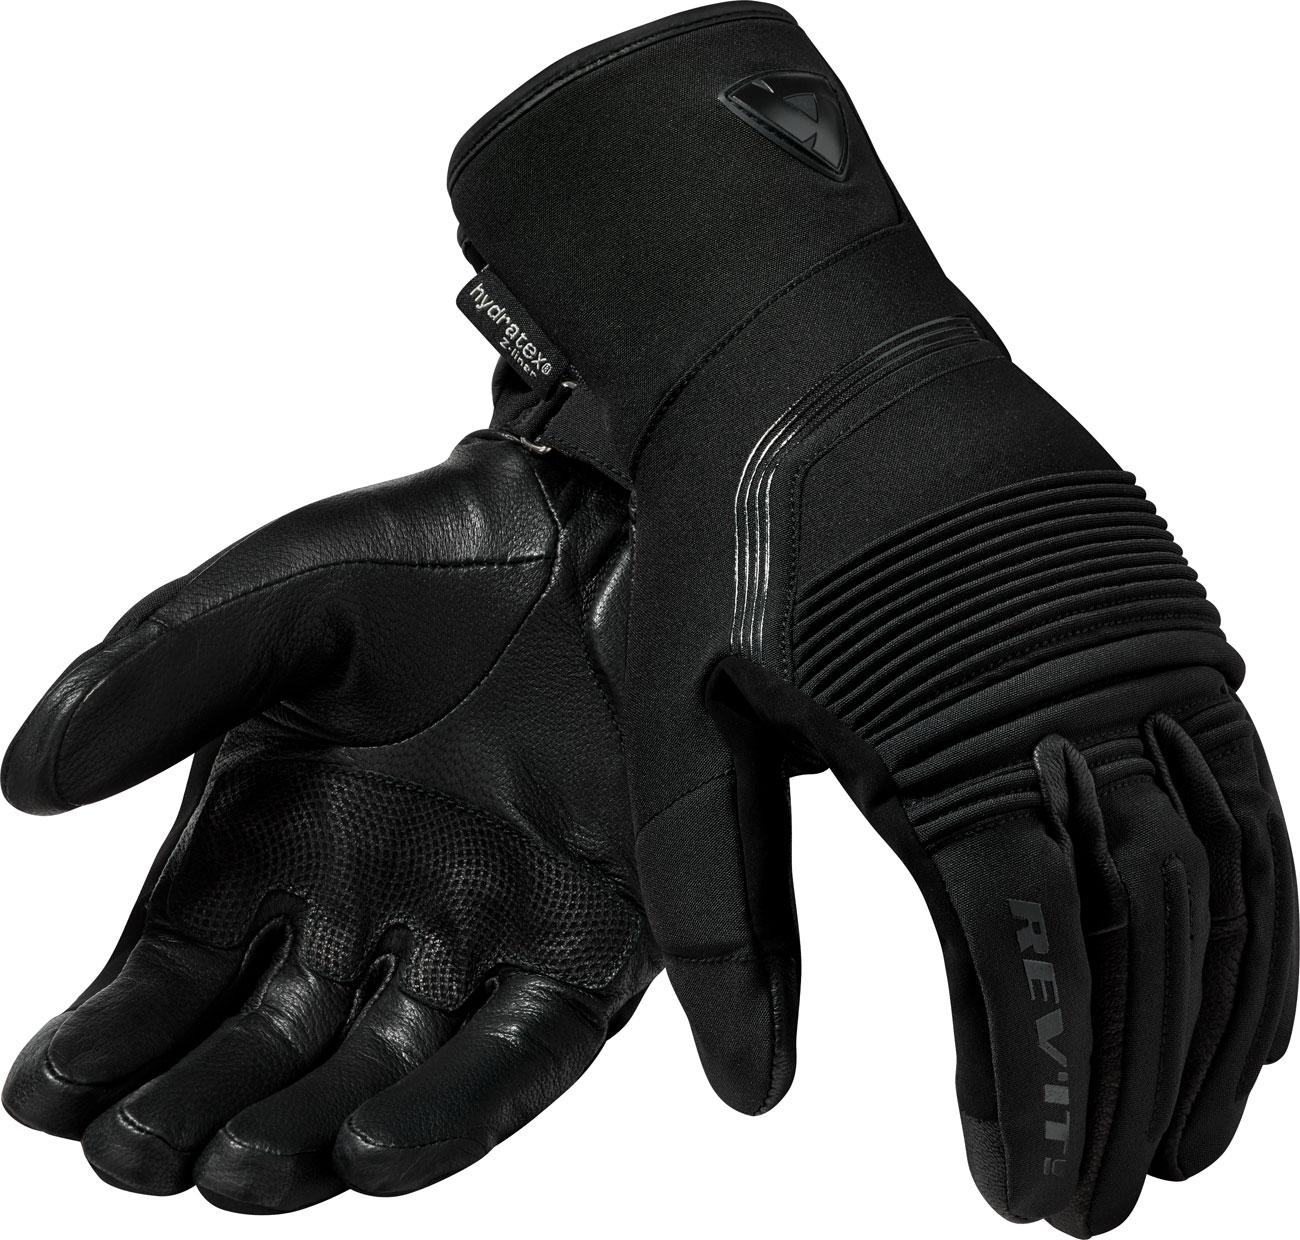 Revit Drifter 3 H2O, Handschuhe - Schwarz - XXL FGS135-0010-XXL